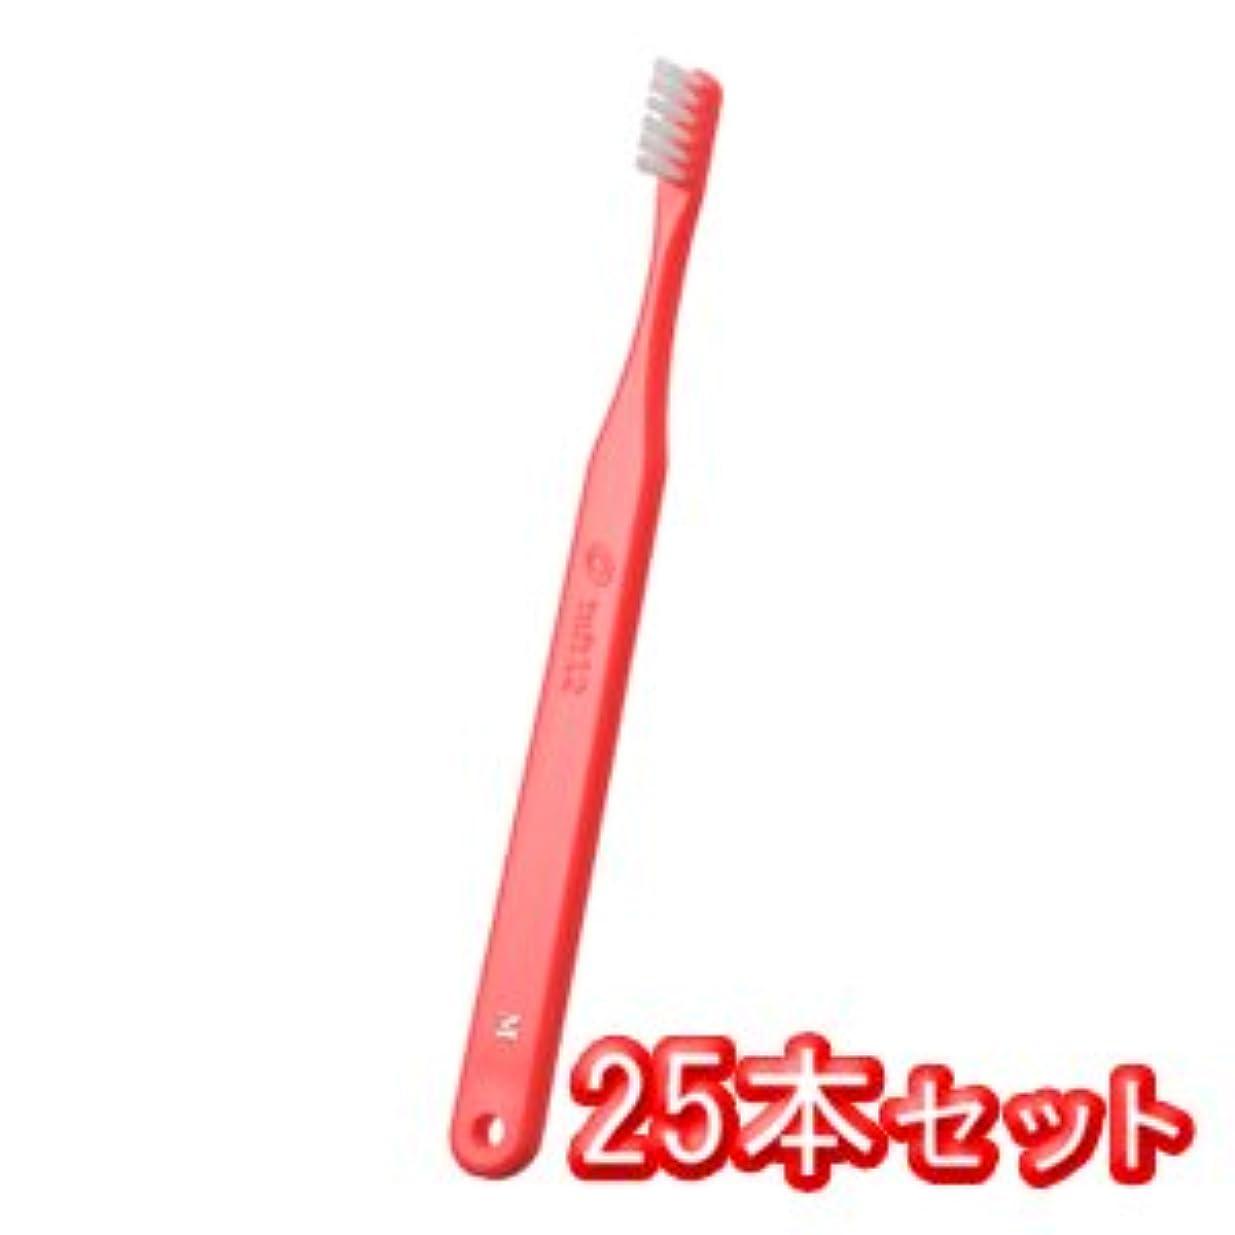 テンポ投資するまあオーラルケア タフト12 歯ブラシ 25本入 ミディアム M レッド